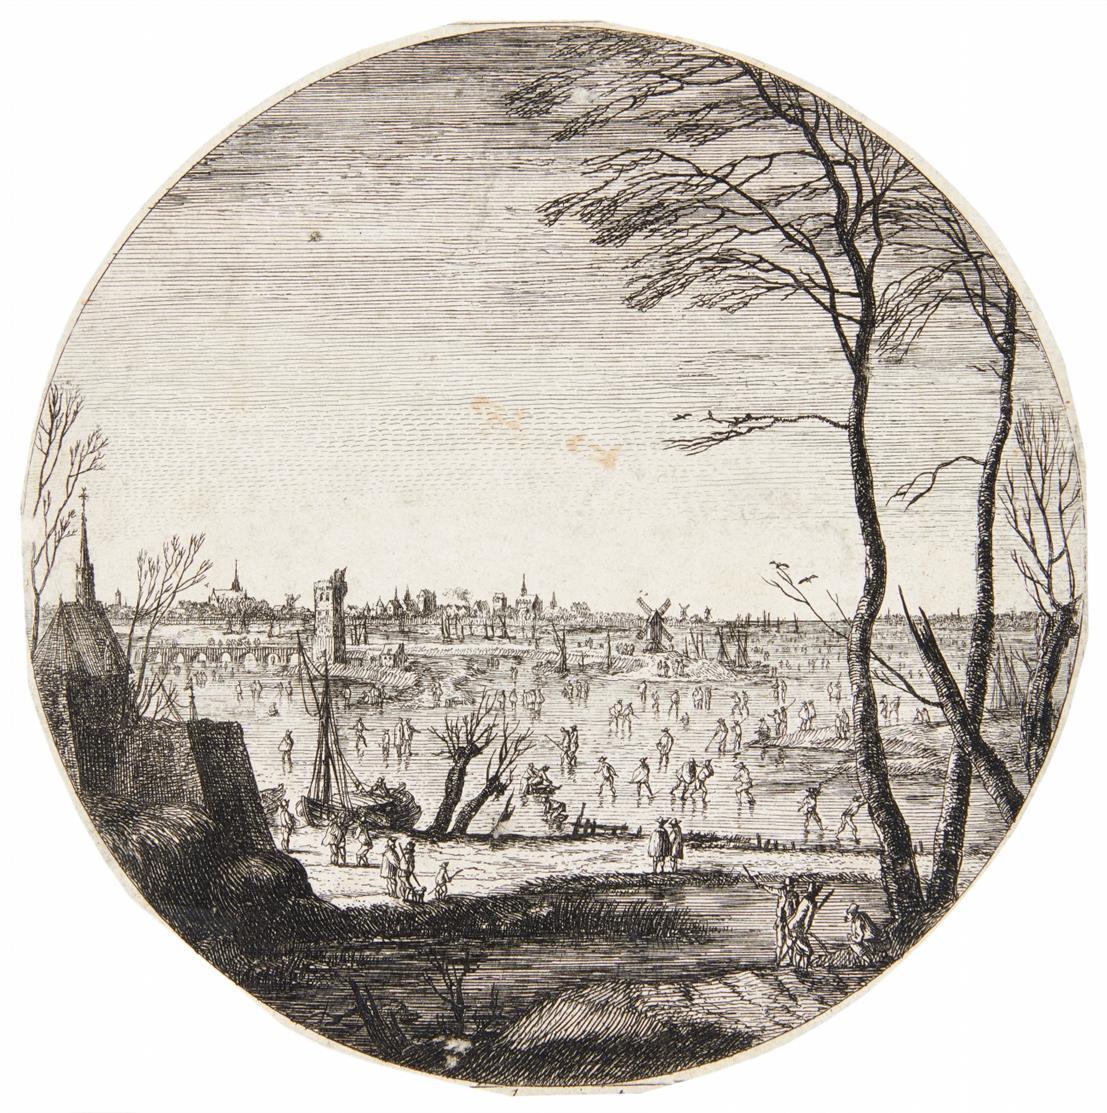 M. van Plattenberg. Landschaft mit Schlittschuhläufern. Radierung. H 6.